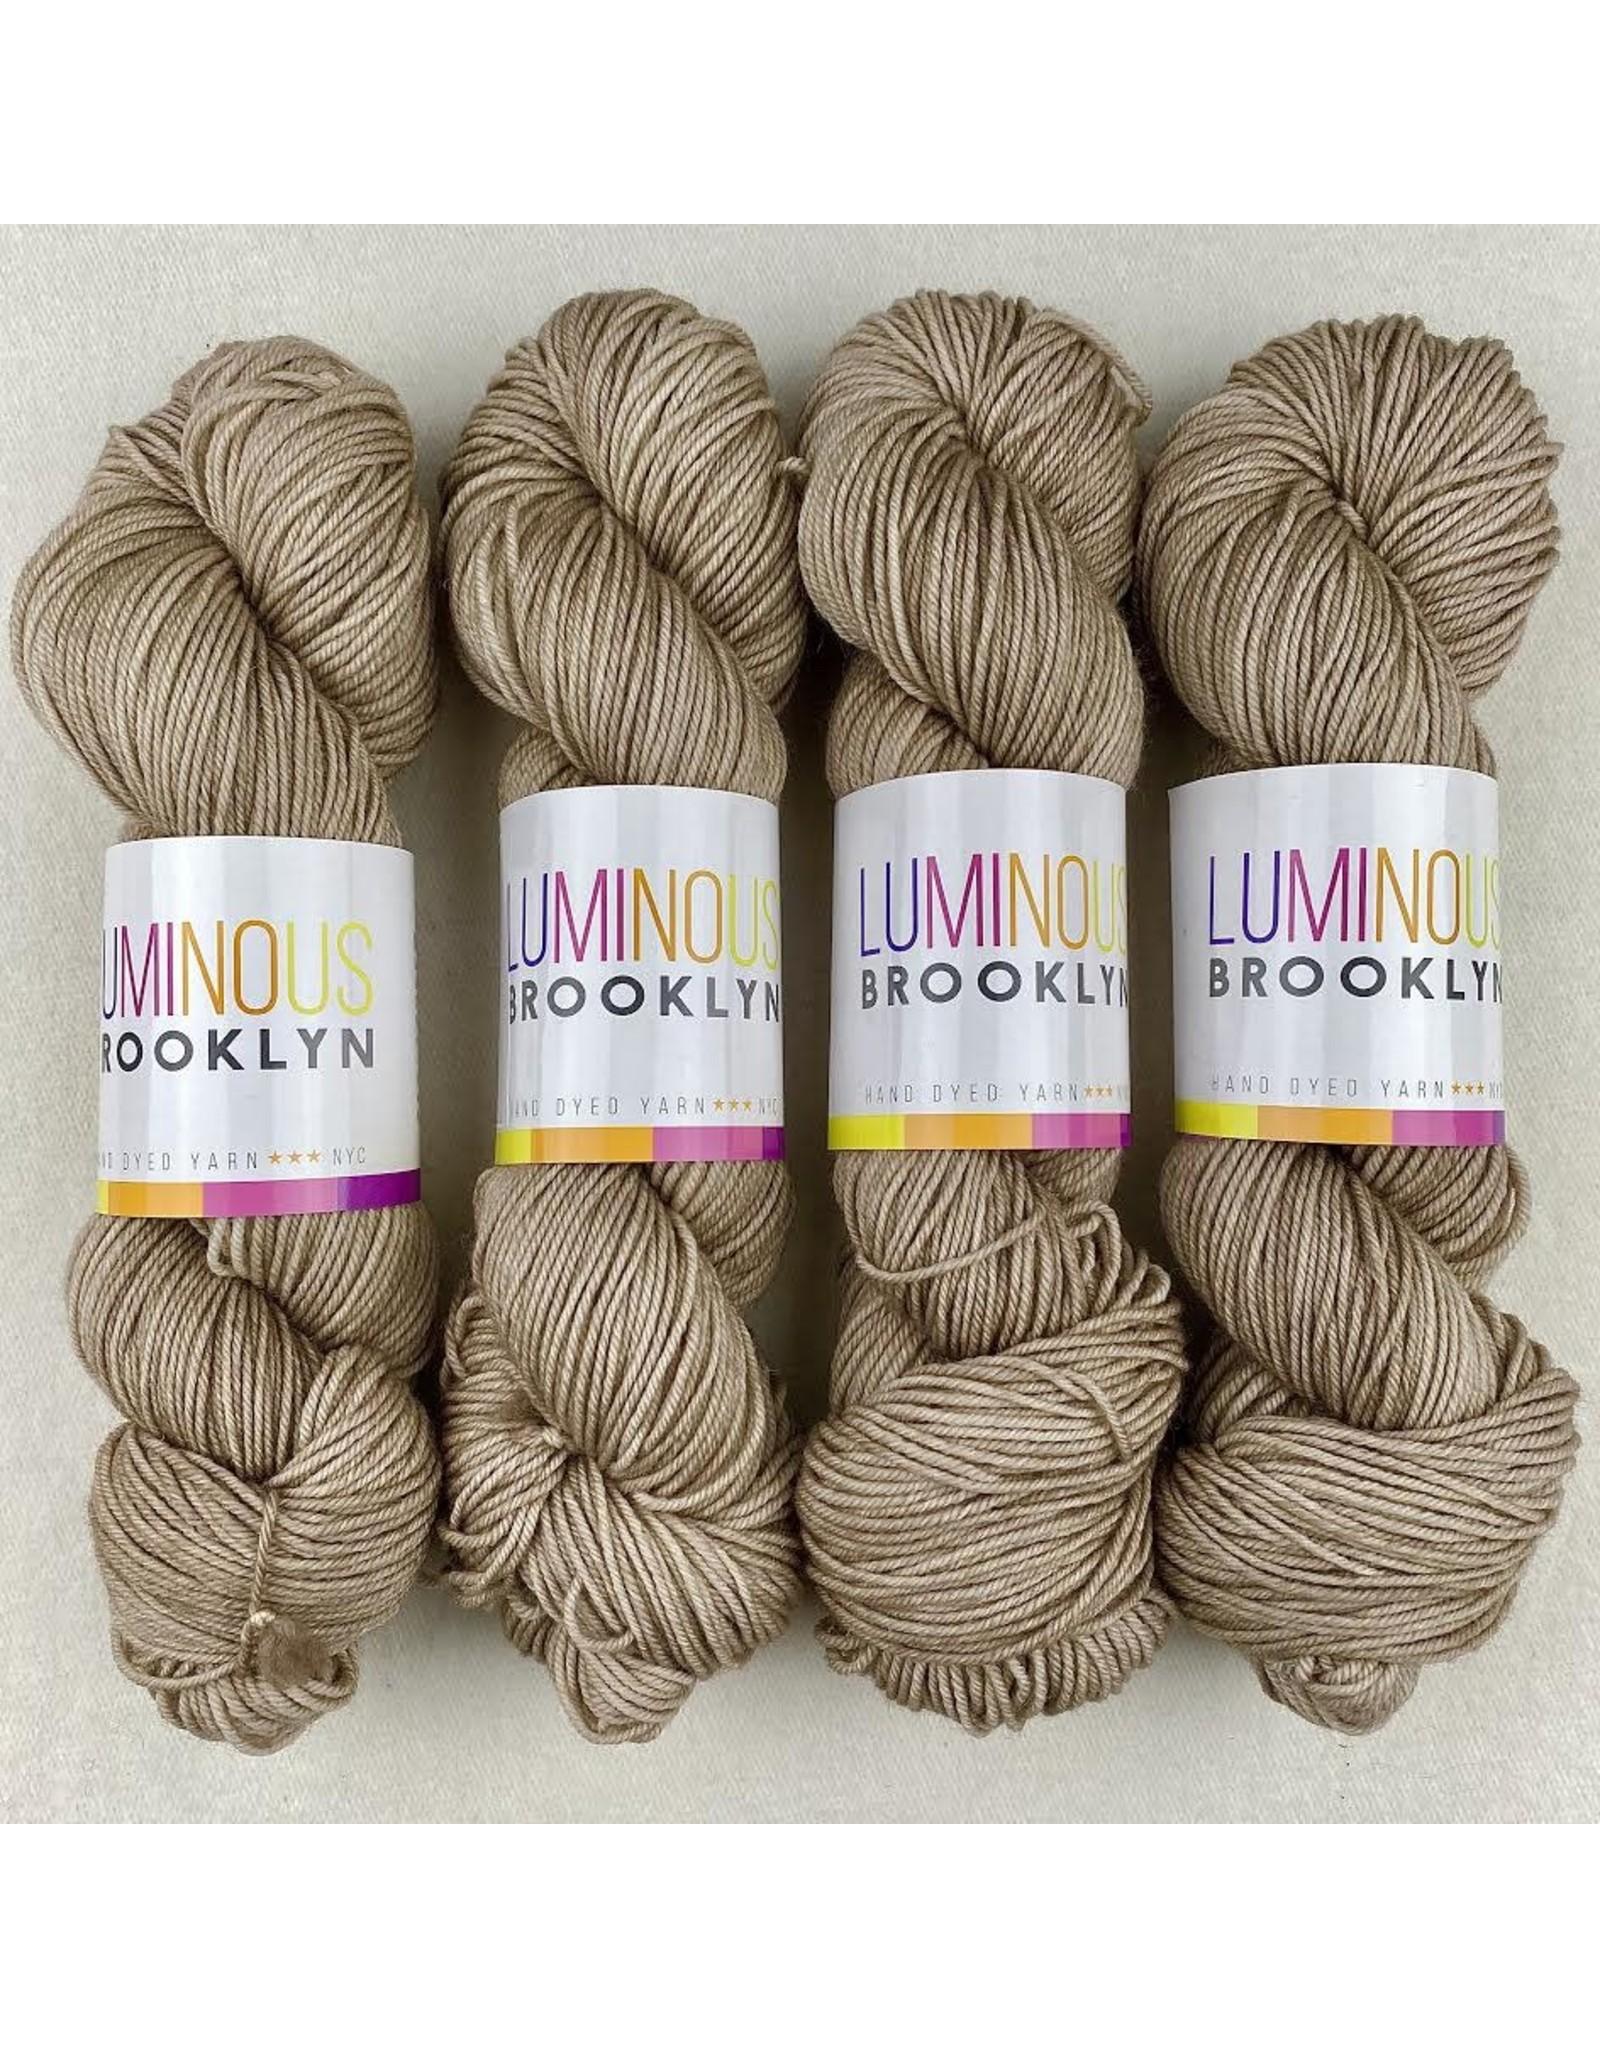 Luminous Brooklyn Granary - Dazzling DK - Luminous Brooklyn